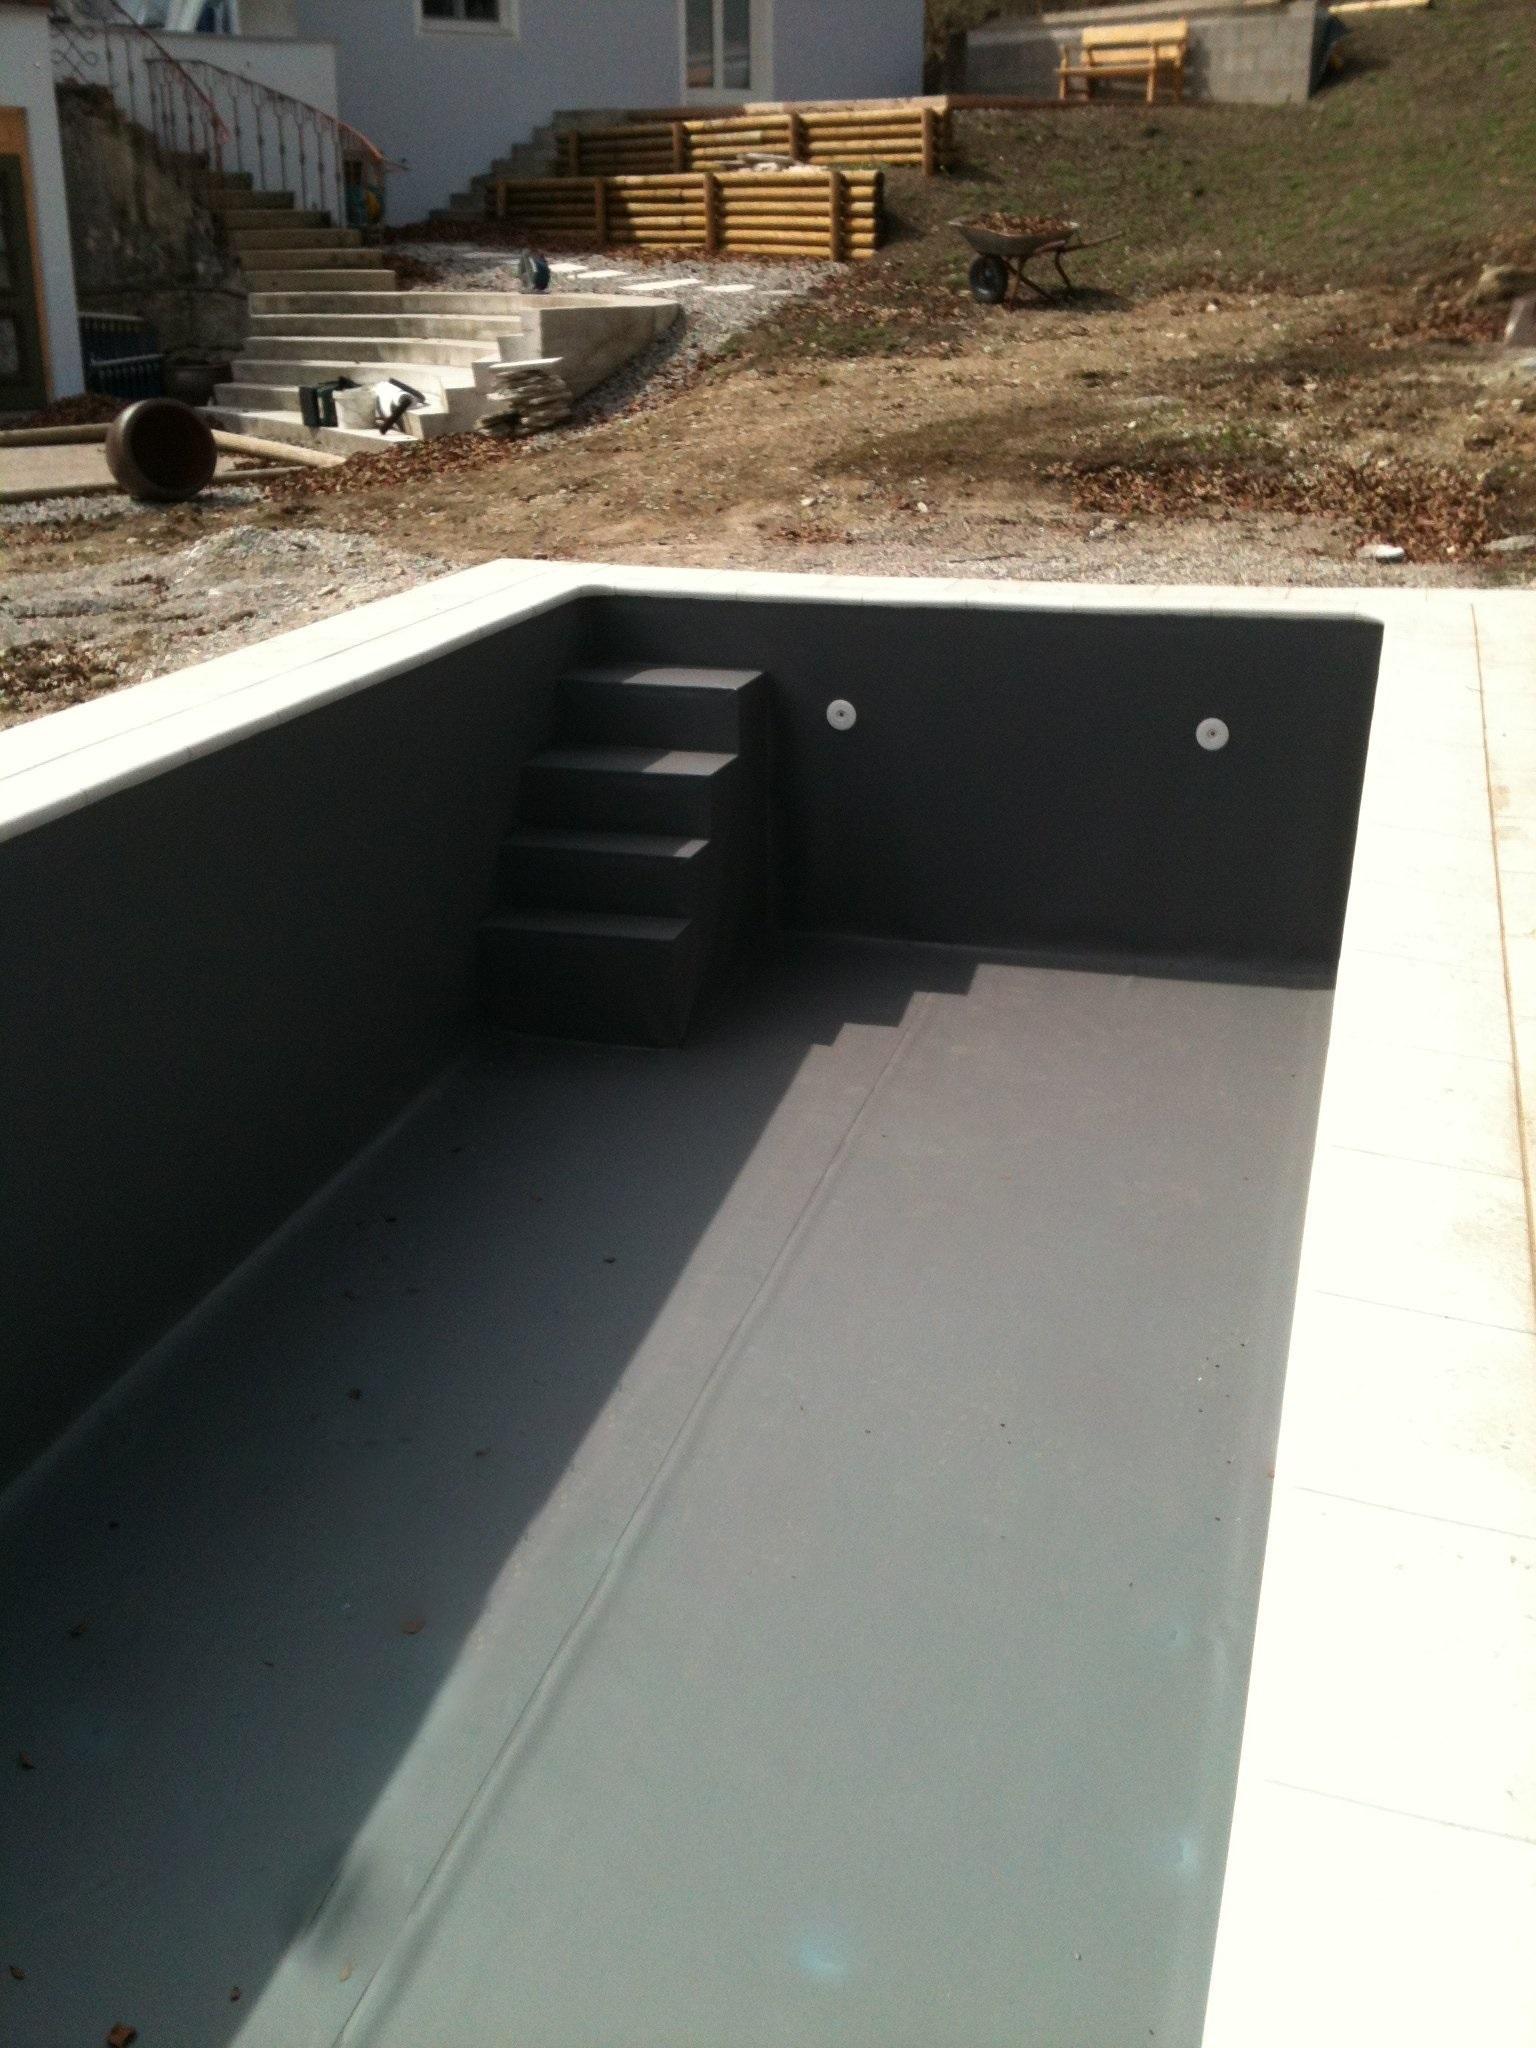 schwimmbadtreppe selber bauen schwimmbad und saunen. Black Bedroom Furniture Sets. Home Design Ideas